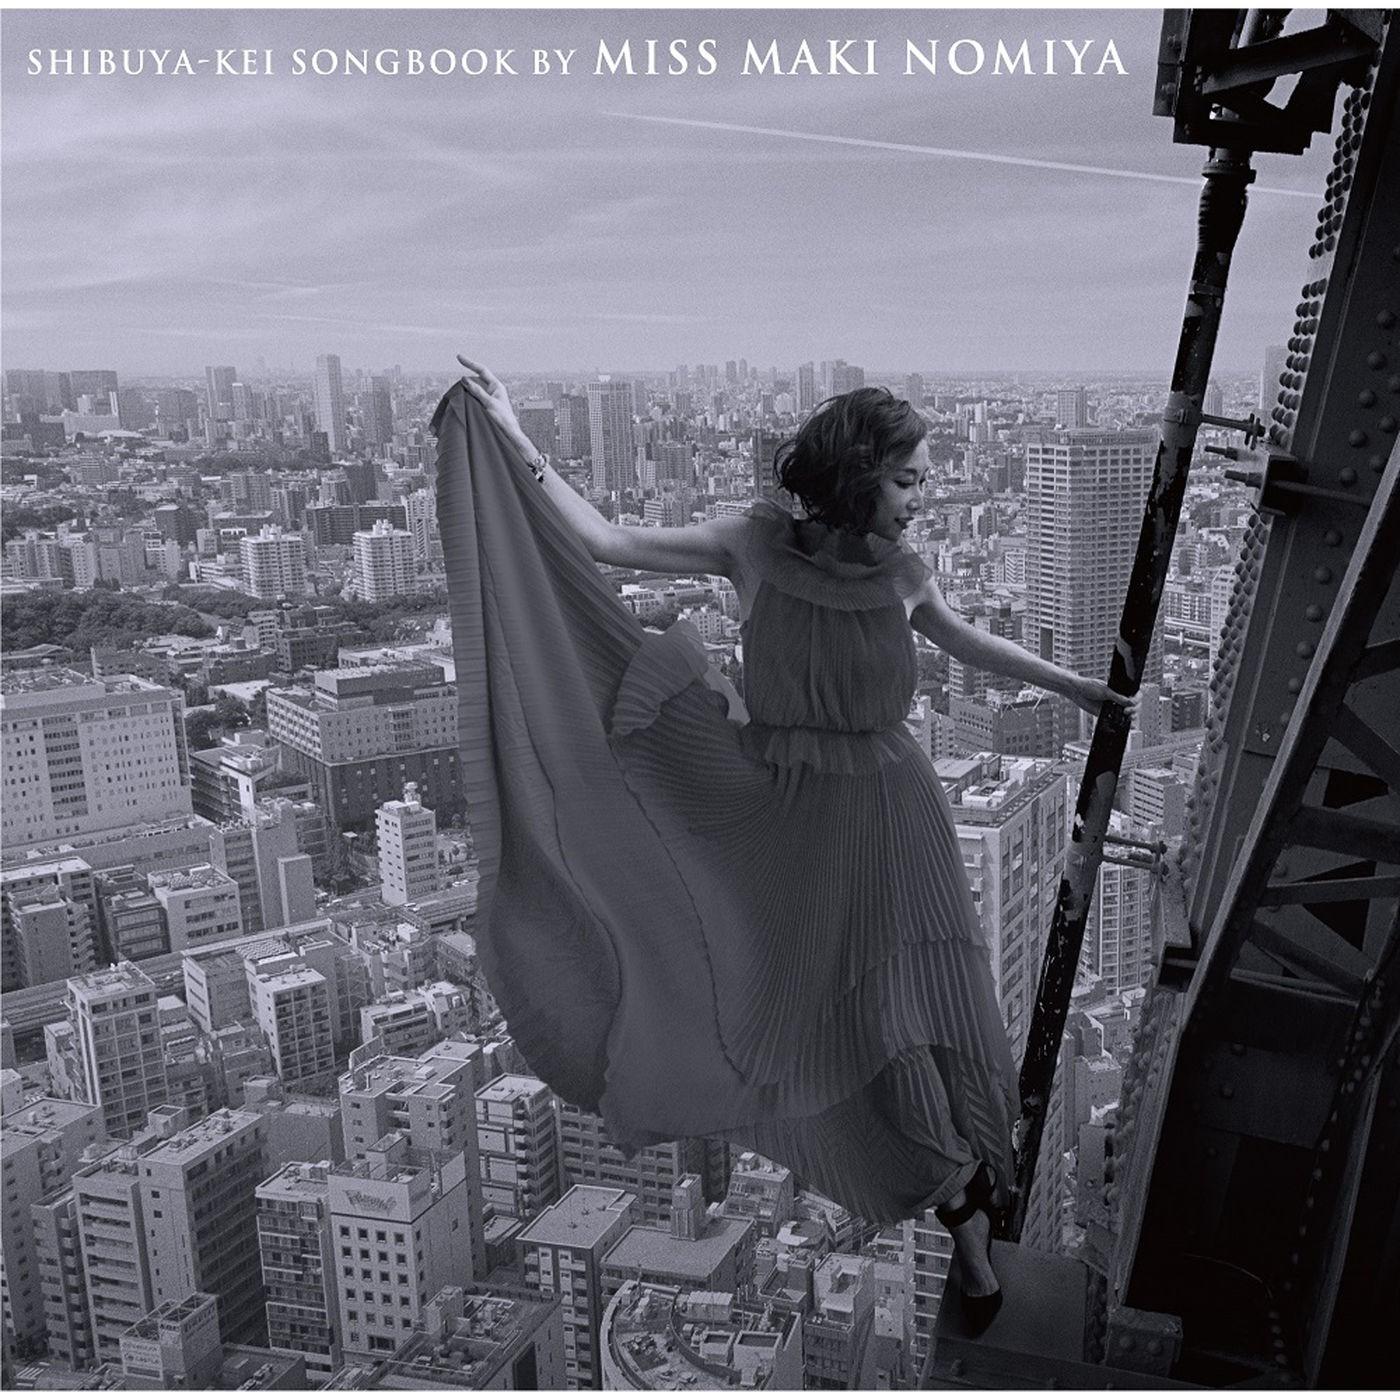 野宮真貴 (Maki Nomiya) – 野宮真貴 渋谷系ソングブック [FLAC + MP3 320 / WEB] [2018.10.31]